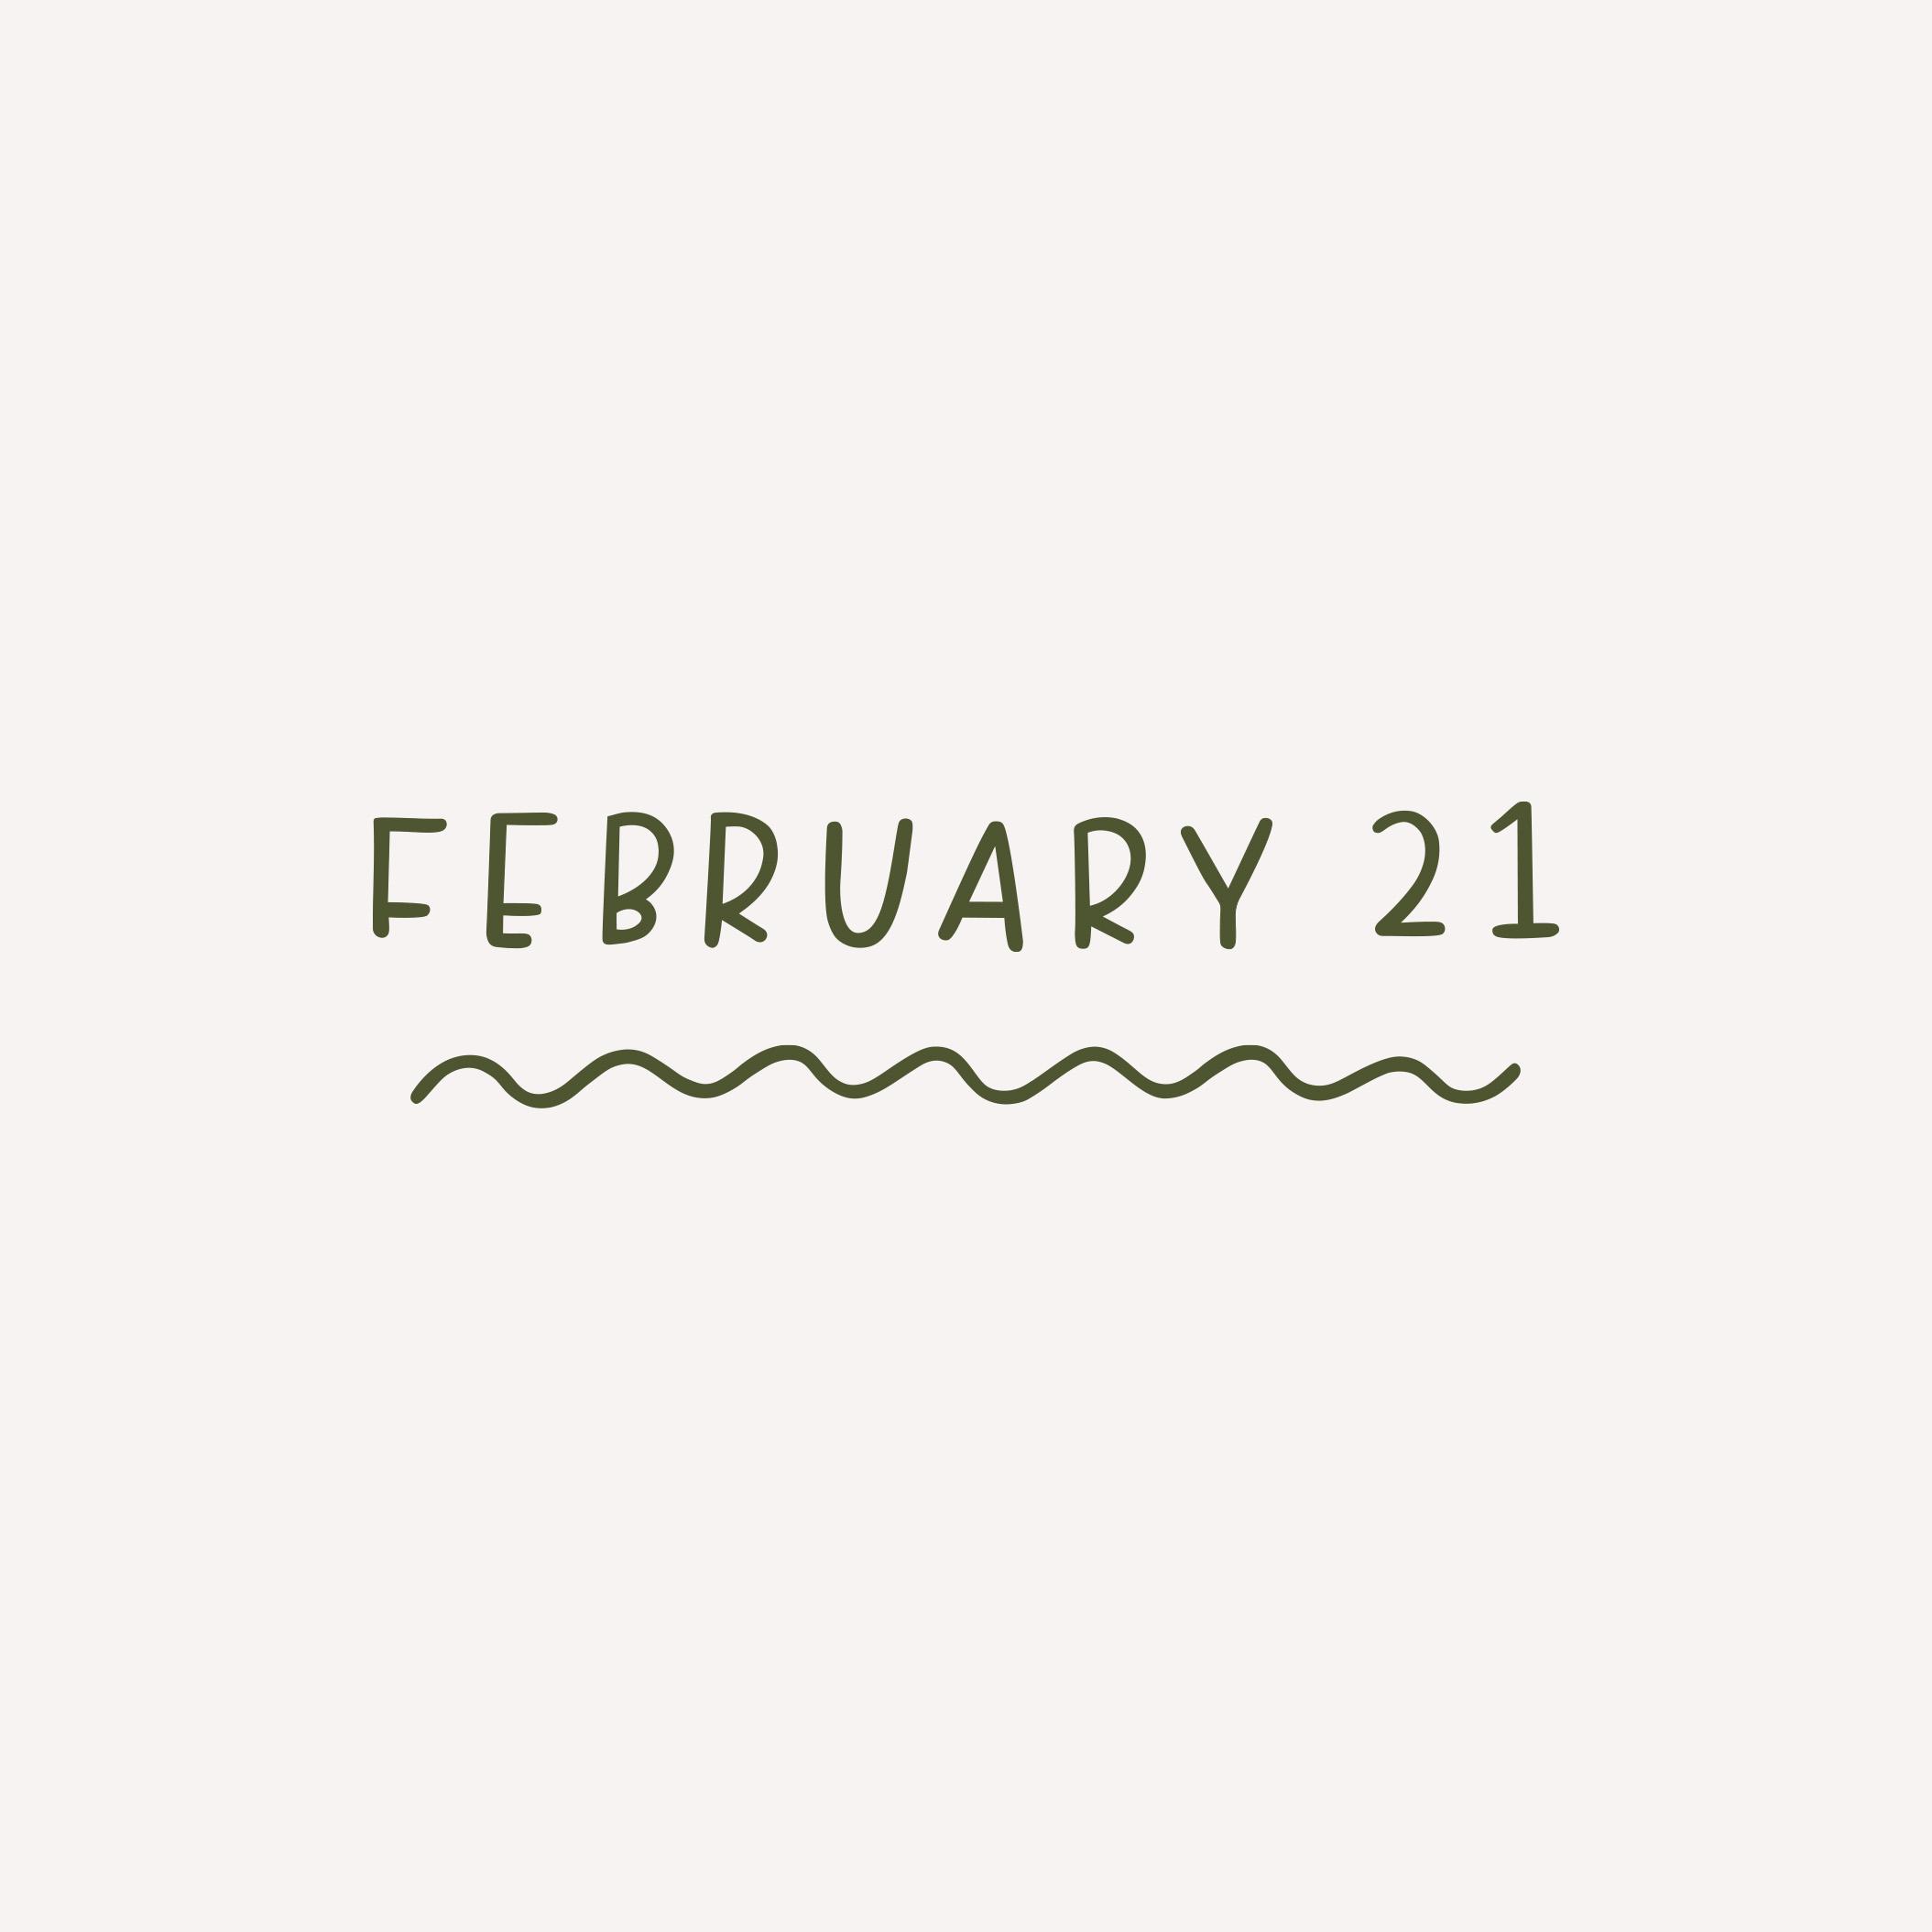 feb21_v2.jpg